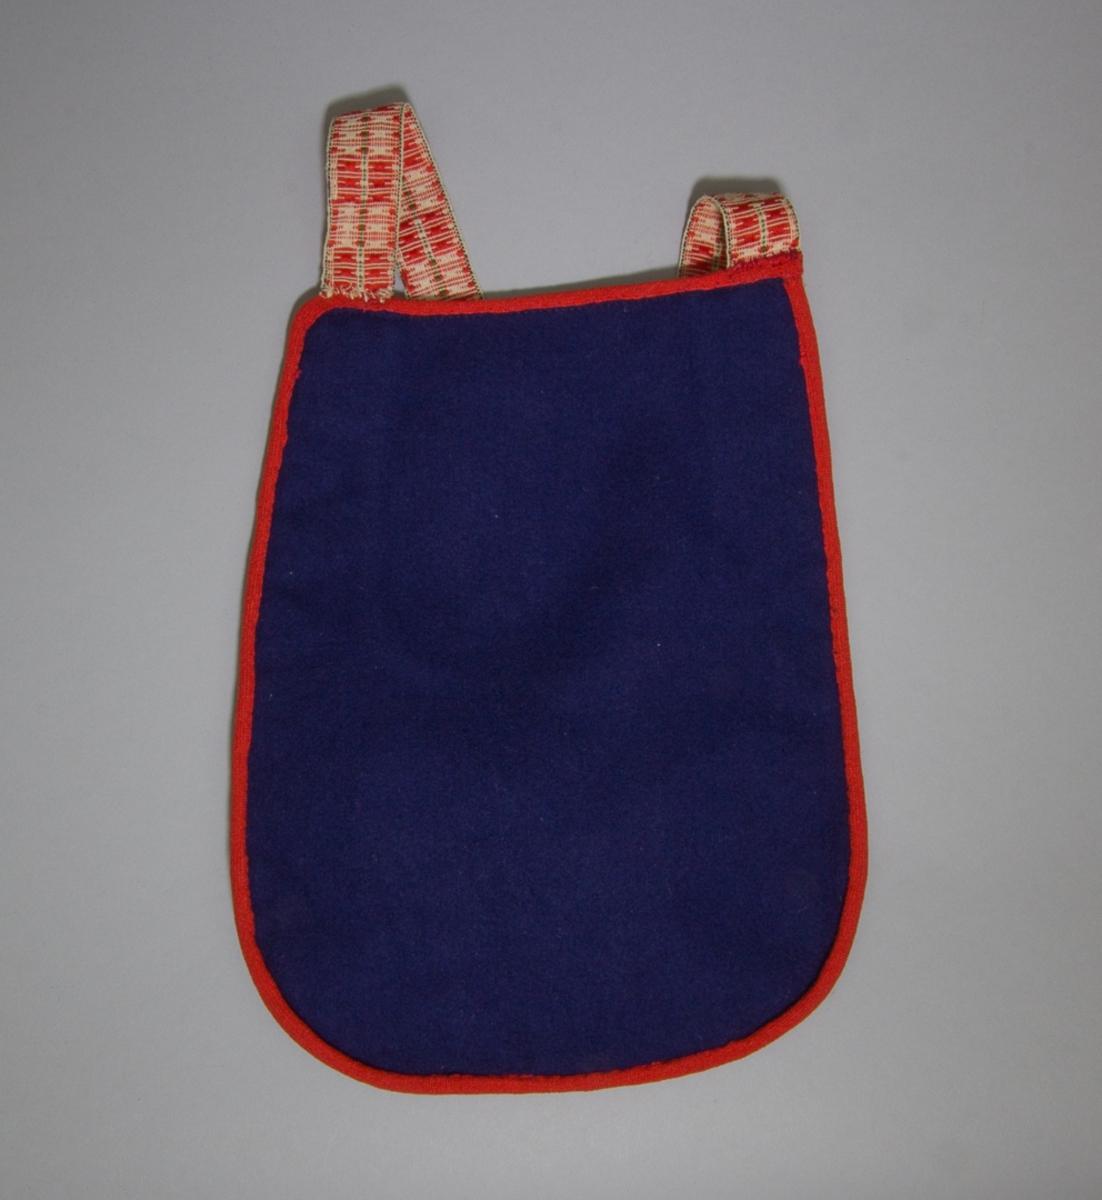 Kjolsäck till dräkt för flicka från Leksands socken, Dalarna. Modell med u-formig öppning. Tillverkad av svart ylletyg, kläde, med applikationer av kläde i grönt, rött och gult, fastsydda med läggsöm. Centralt placerad hjärtblomma med trekanter vid alla sidor. Broderi utfört med bomullsgarn i flera färger: flätsöm, efterstygn och langett. Framsidan fodrad med fabriksvävt bomullstyg, rosa. Bakstycke av mörkblått kläde. Midjeband handvävt, med plockat mösnter i rött på vit botten.